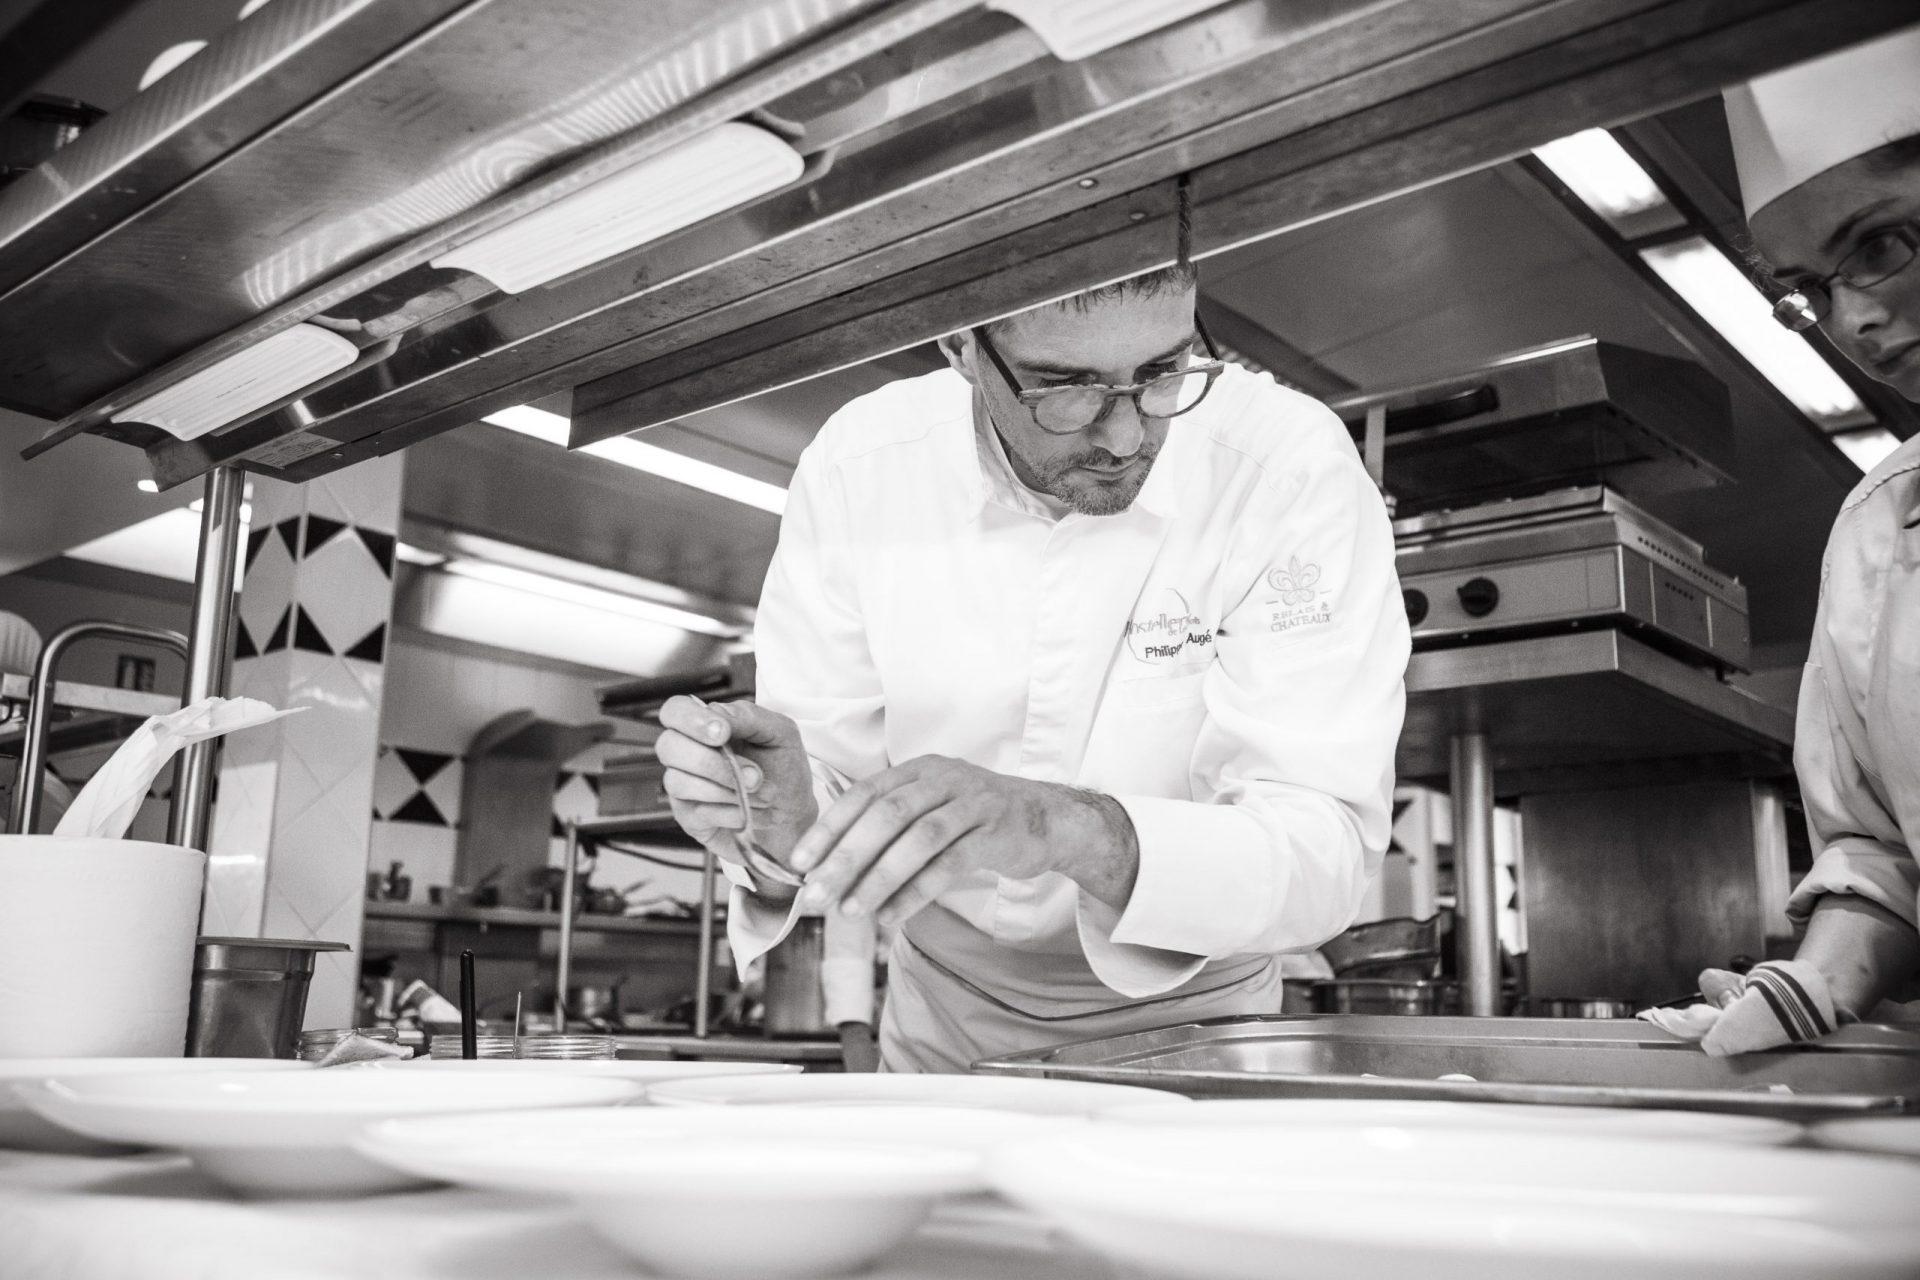 Les menus bistronomiques du Chef Philippe Augé à emporter Le Meilleur Chez Vous